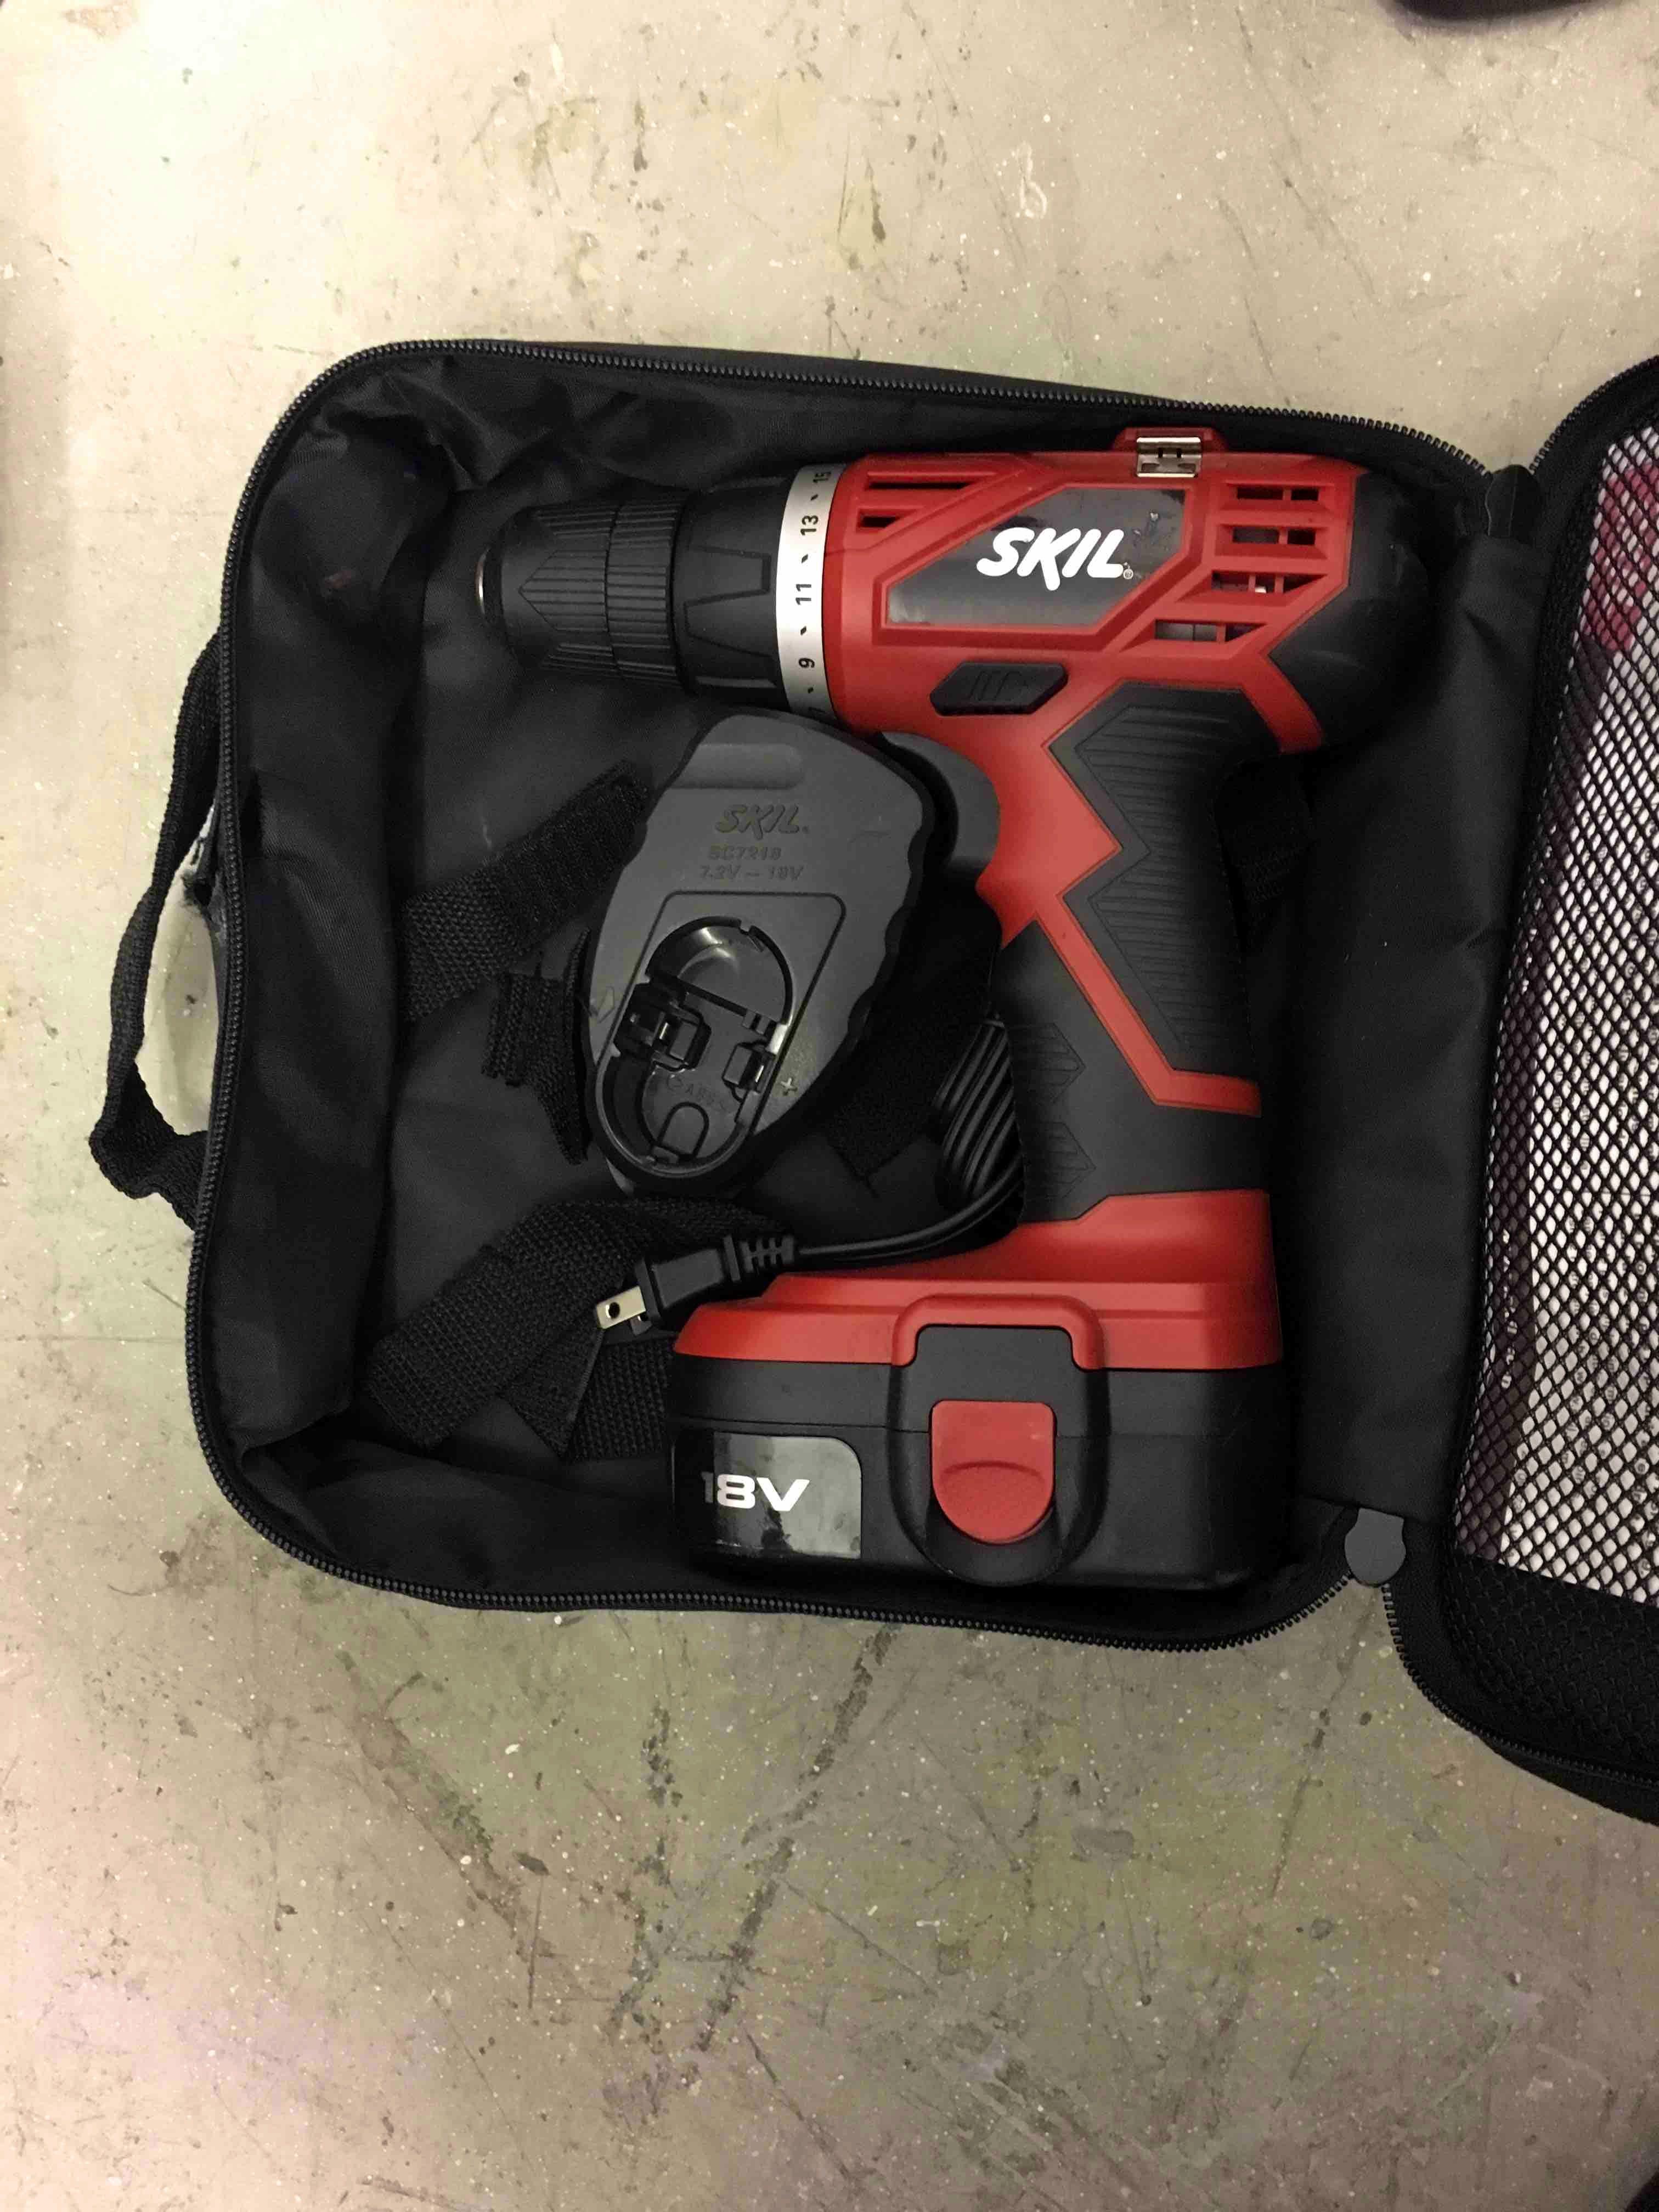 SKIL 18 volt cordless drill